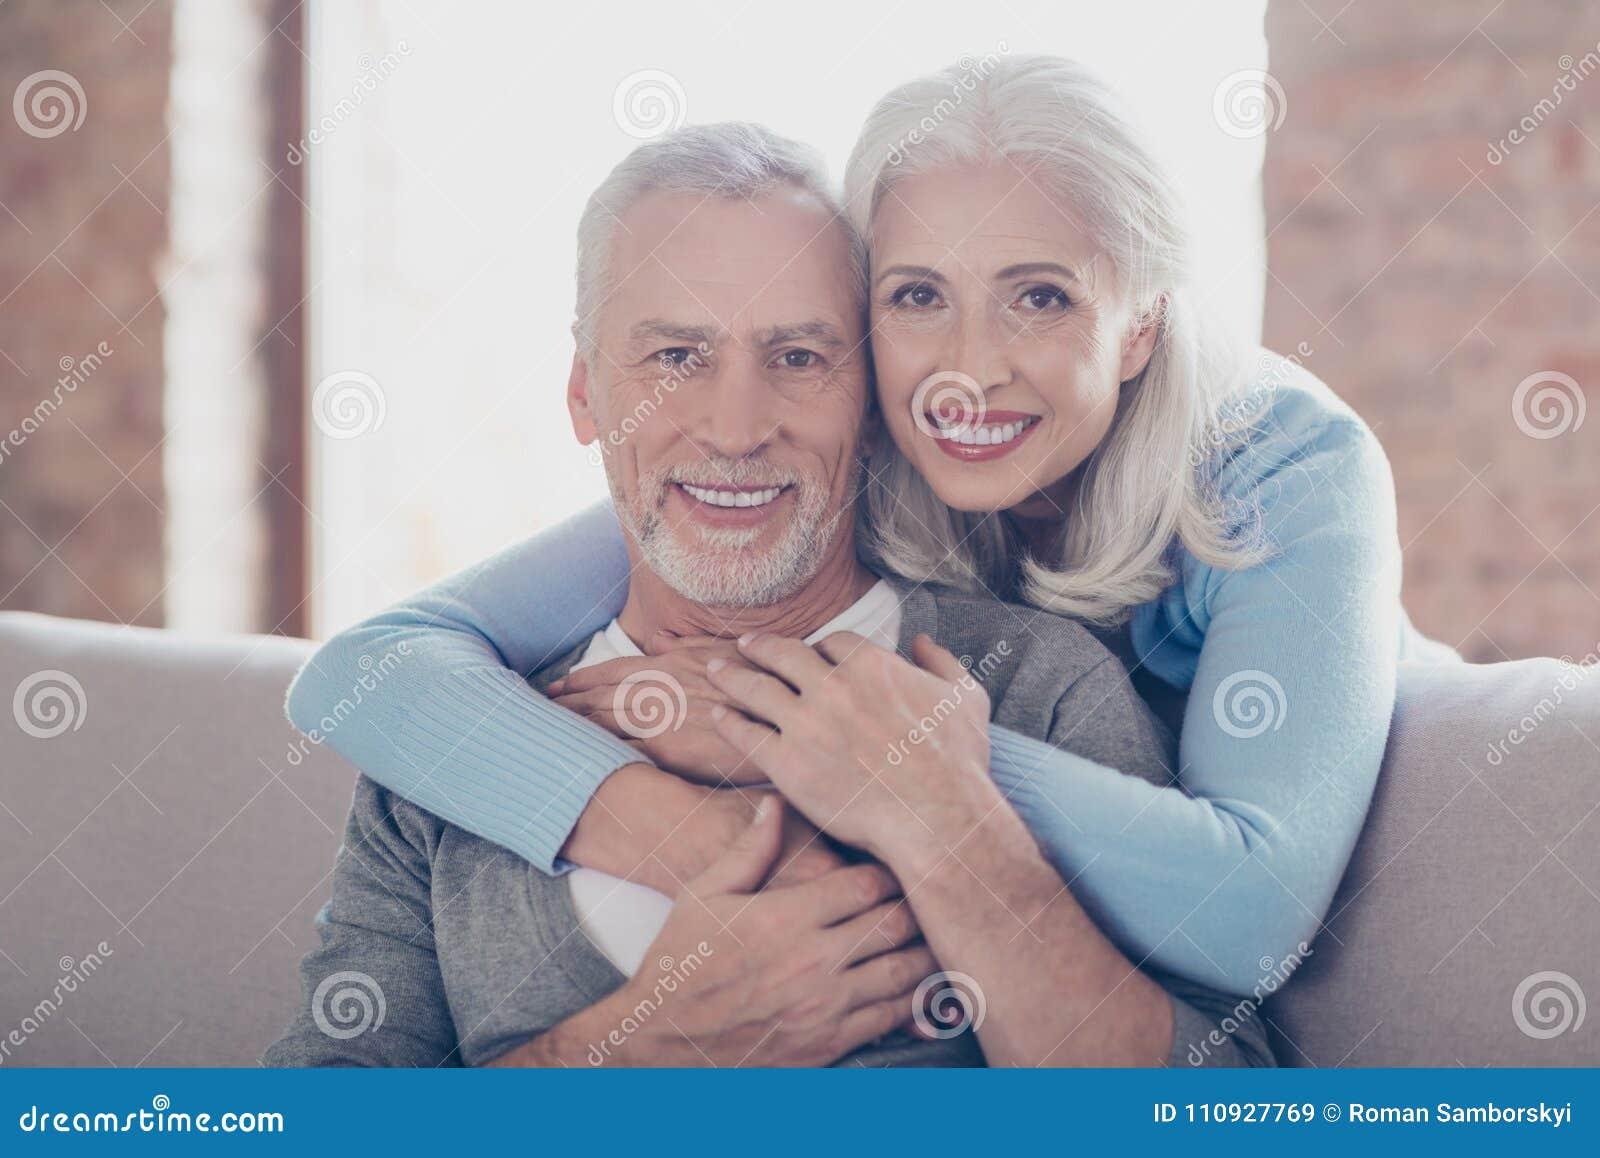 Sluit omhoog portret van twee gelukkige oude gehuwde mensen, zijn zij hugg